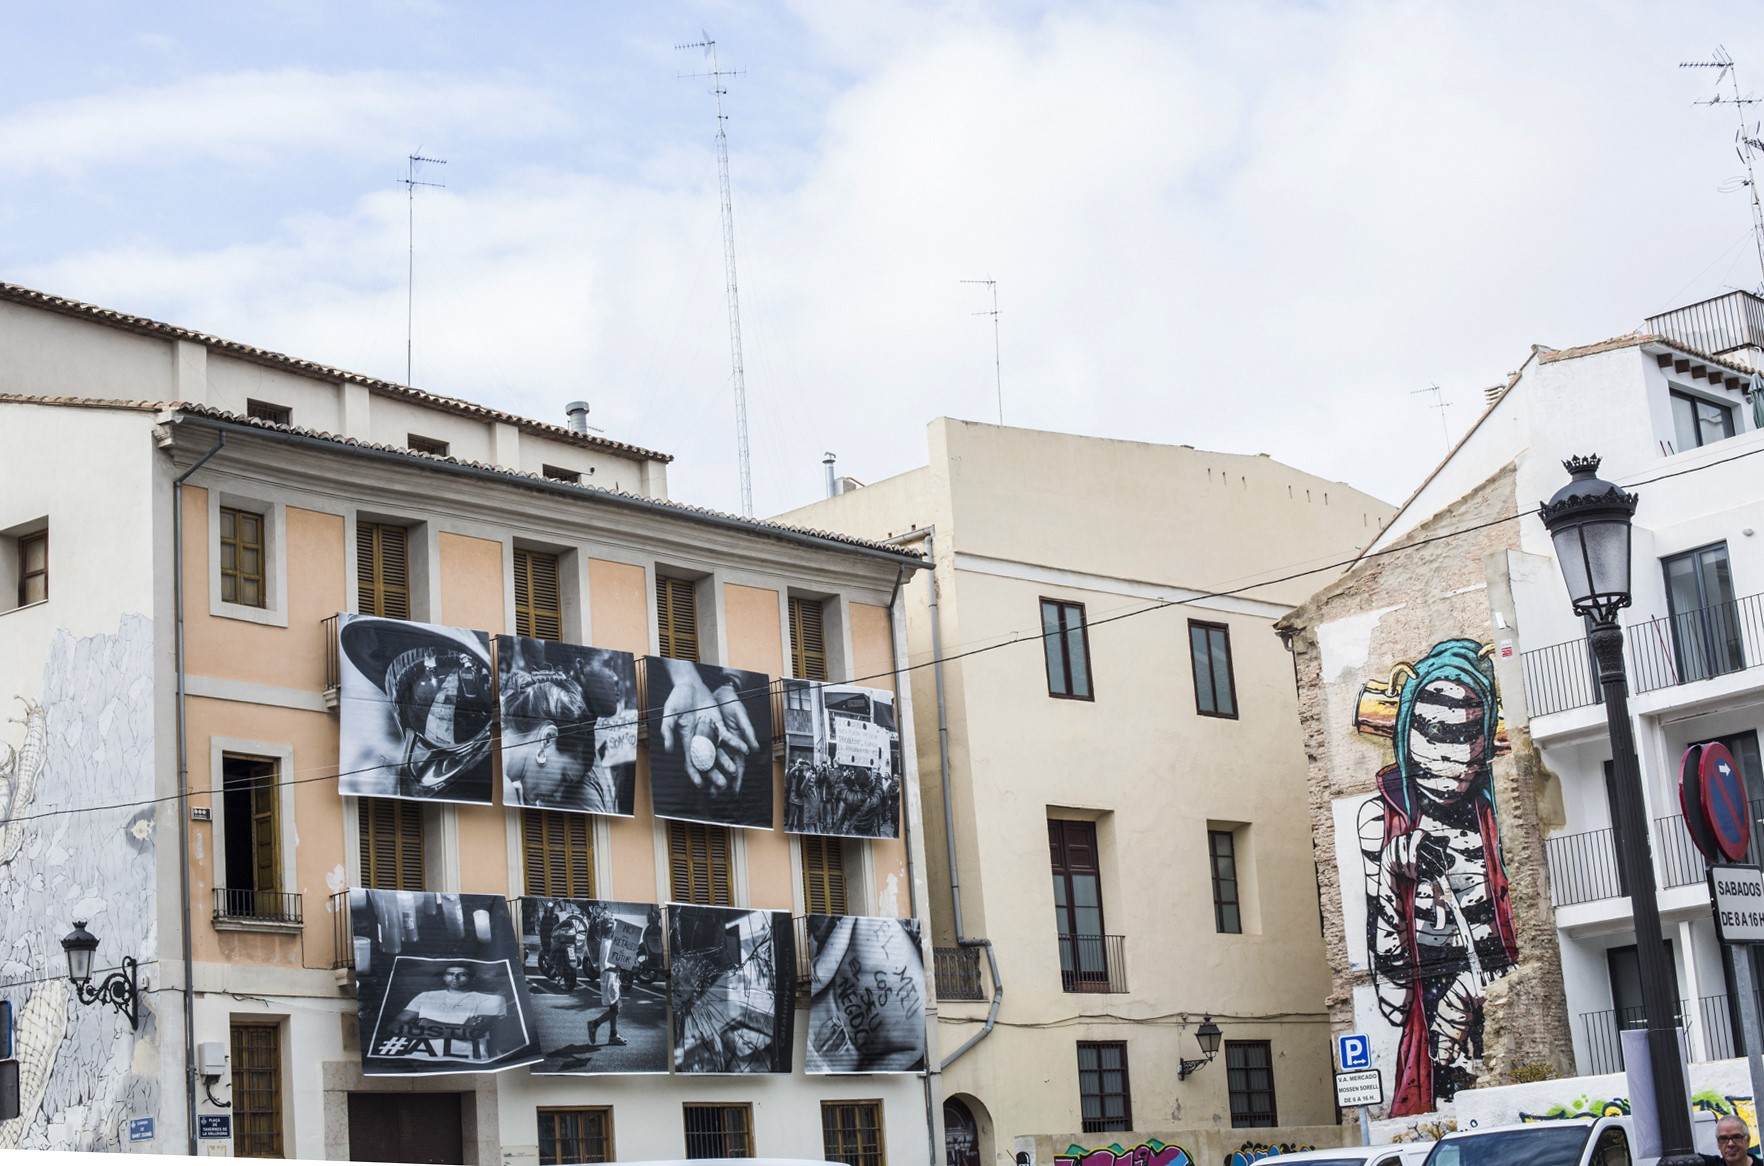 Las fotos en blanco y negro colgadas en los balcones combinan con la fachada intervenida.